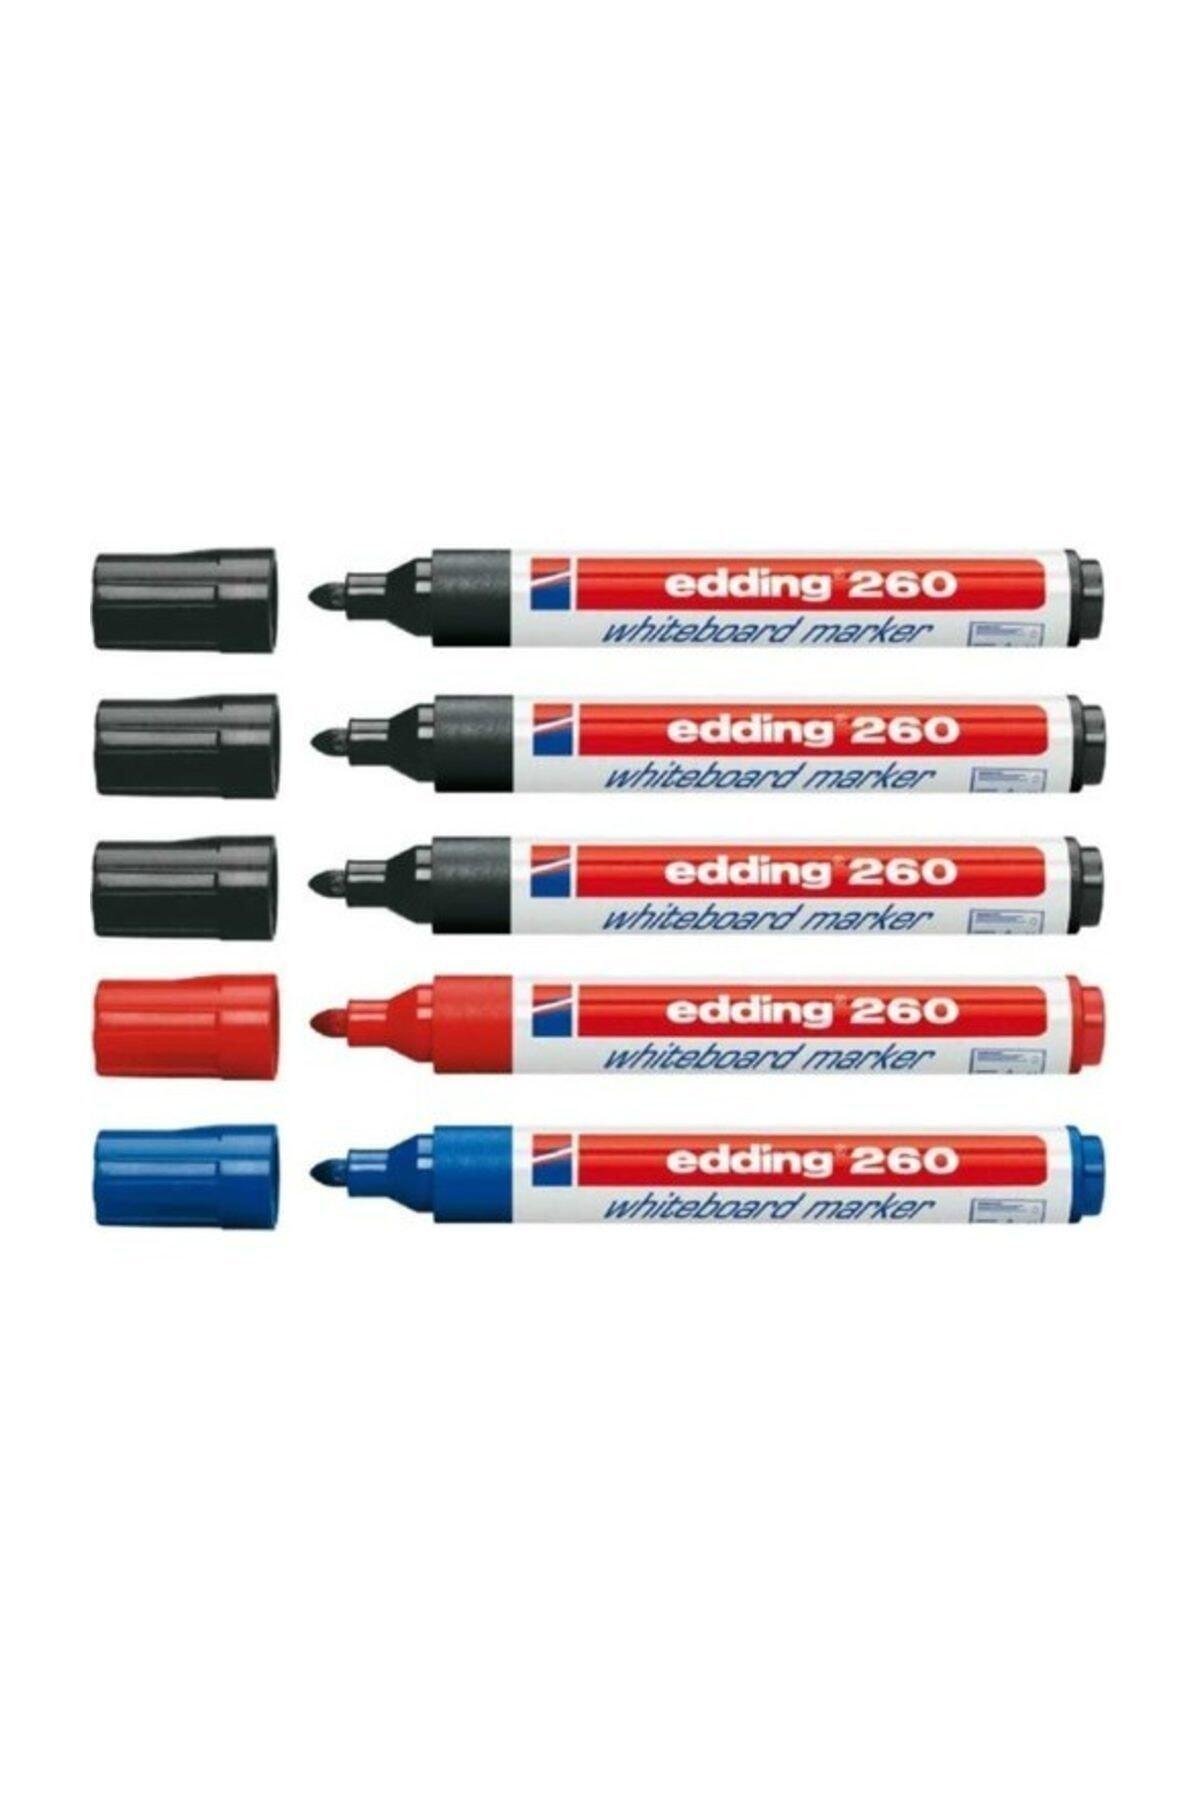 Edding 260 Beyaz Tahta Kalemi 3 Siyah 1 Mavi 1 Kırmızı 1